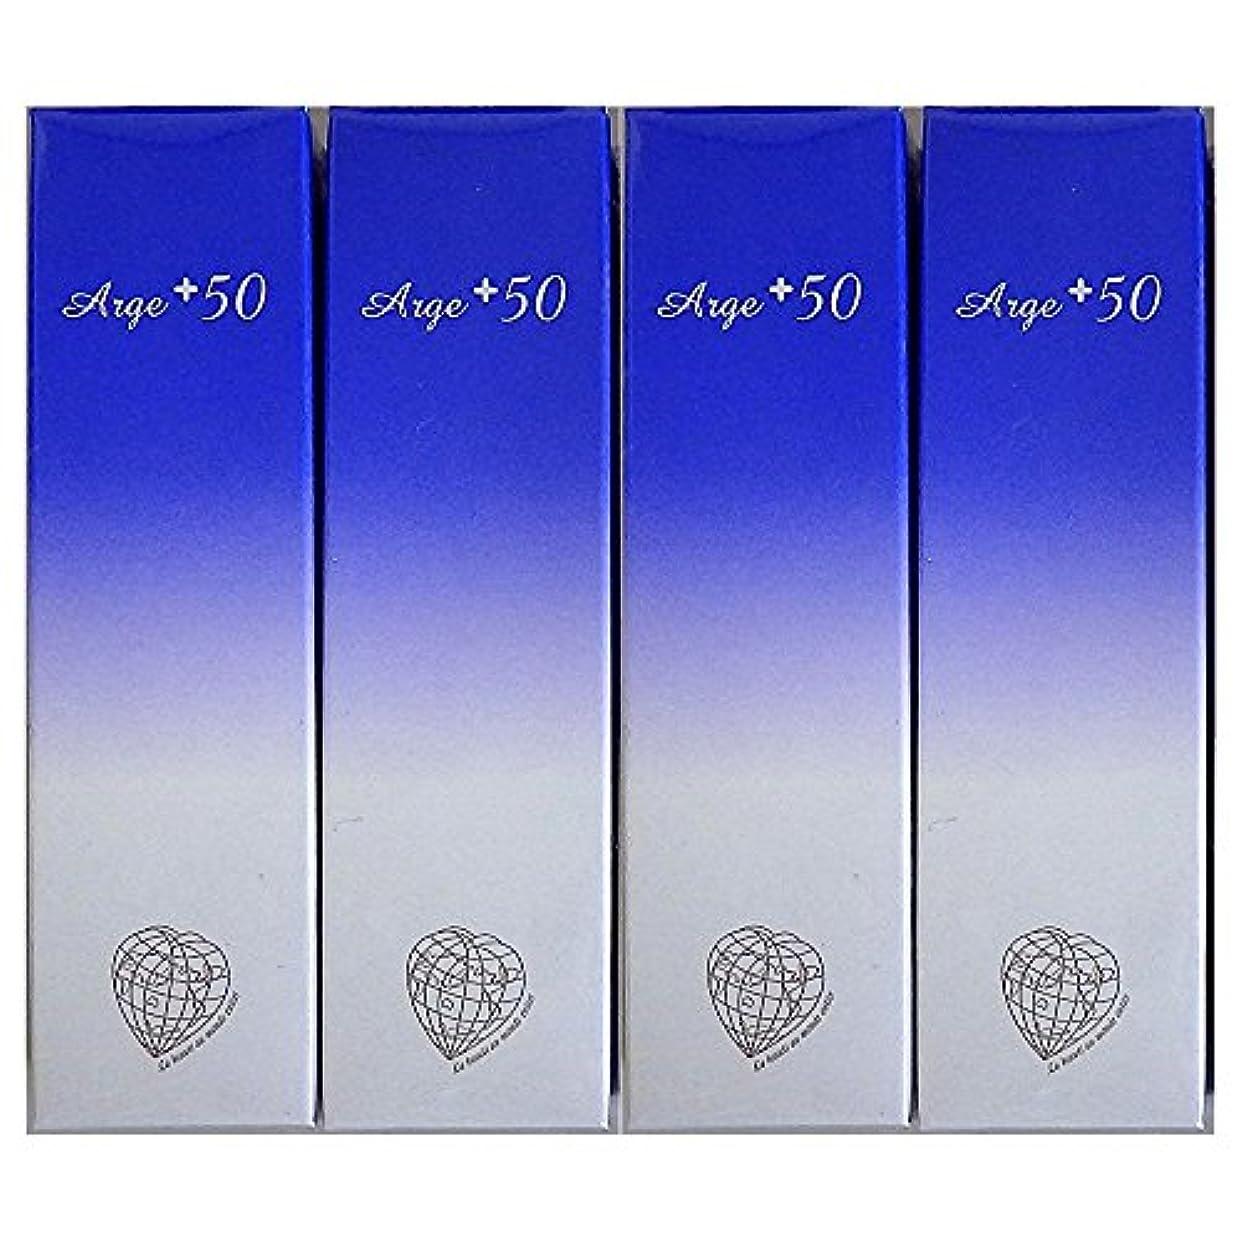 困惑した預言者超高層ビルアルジェプラス50 4本セット